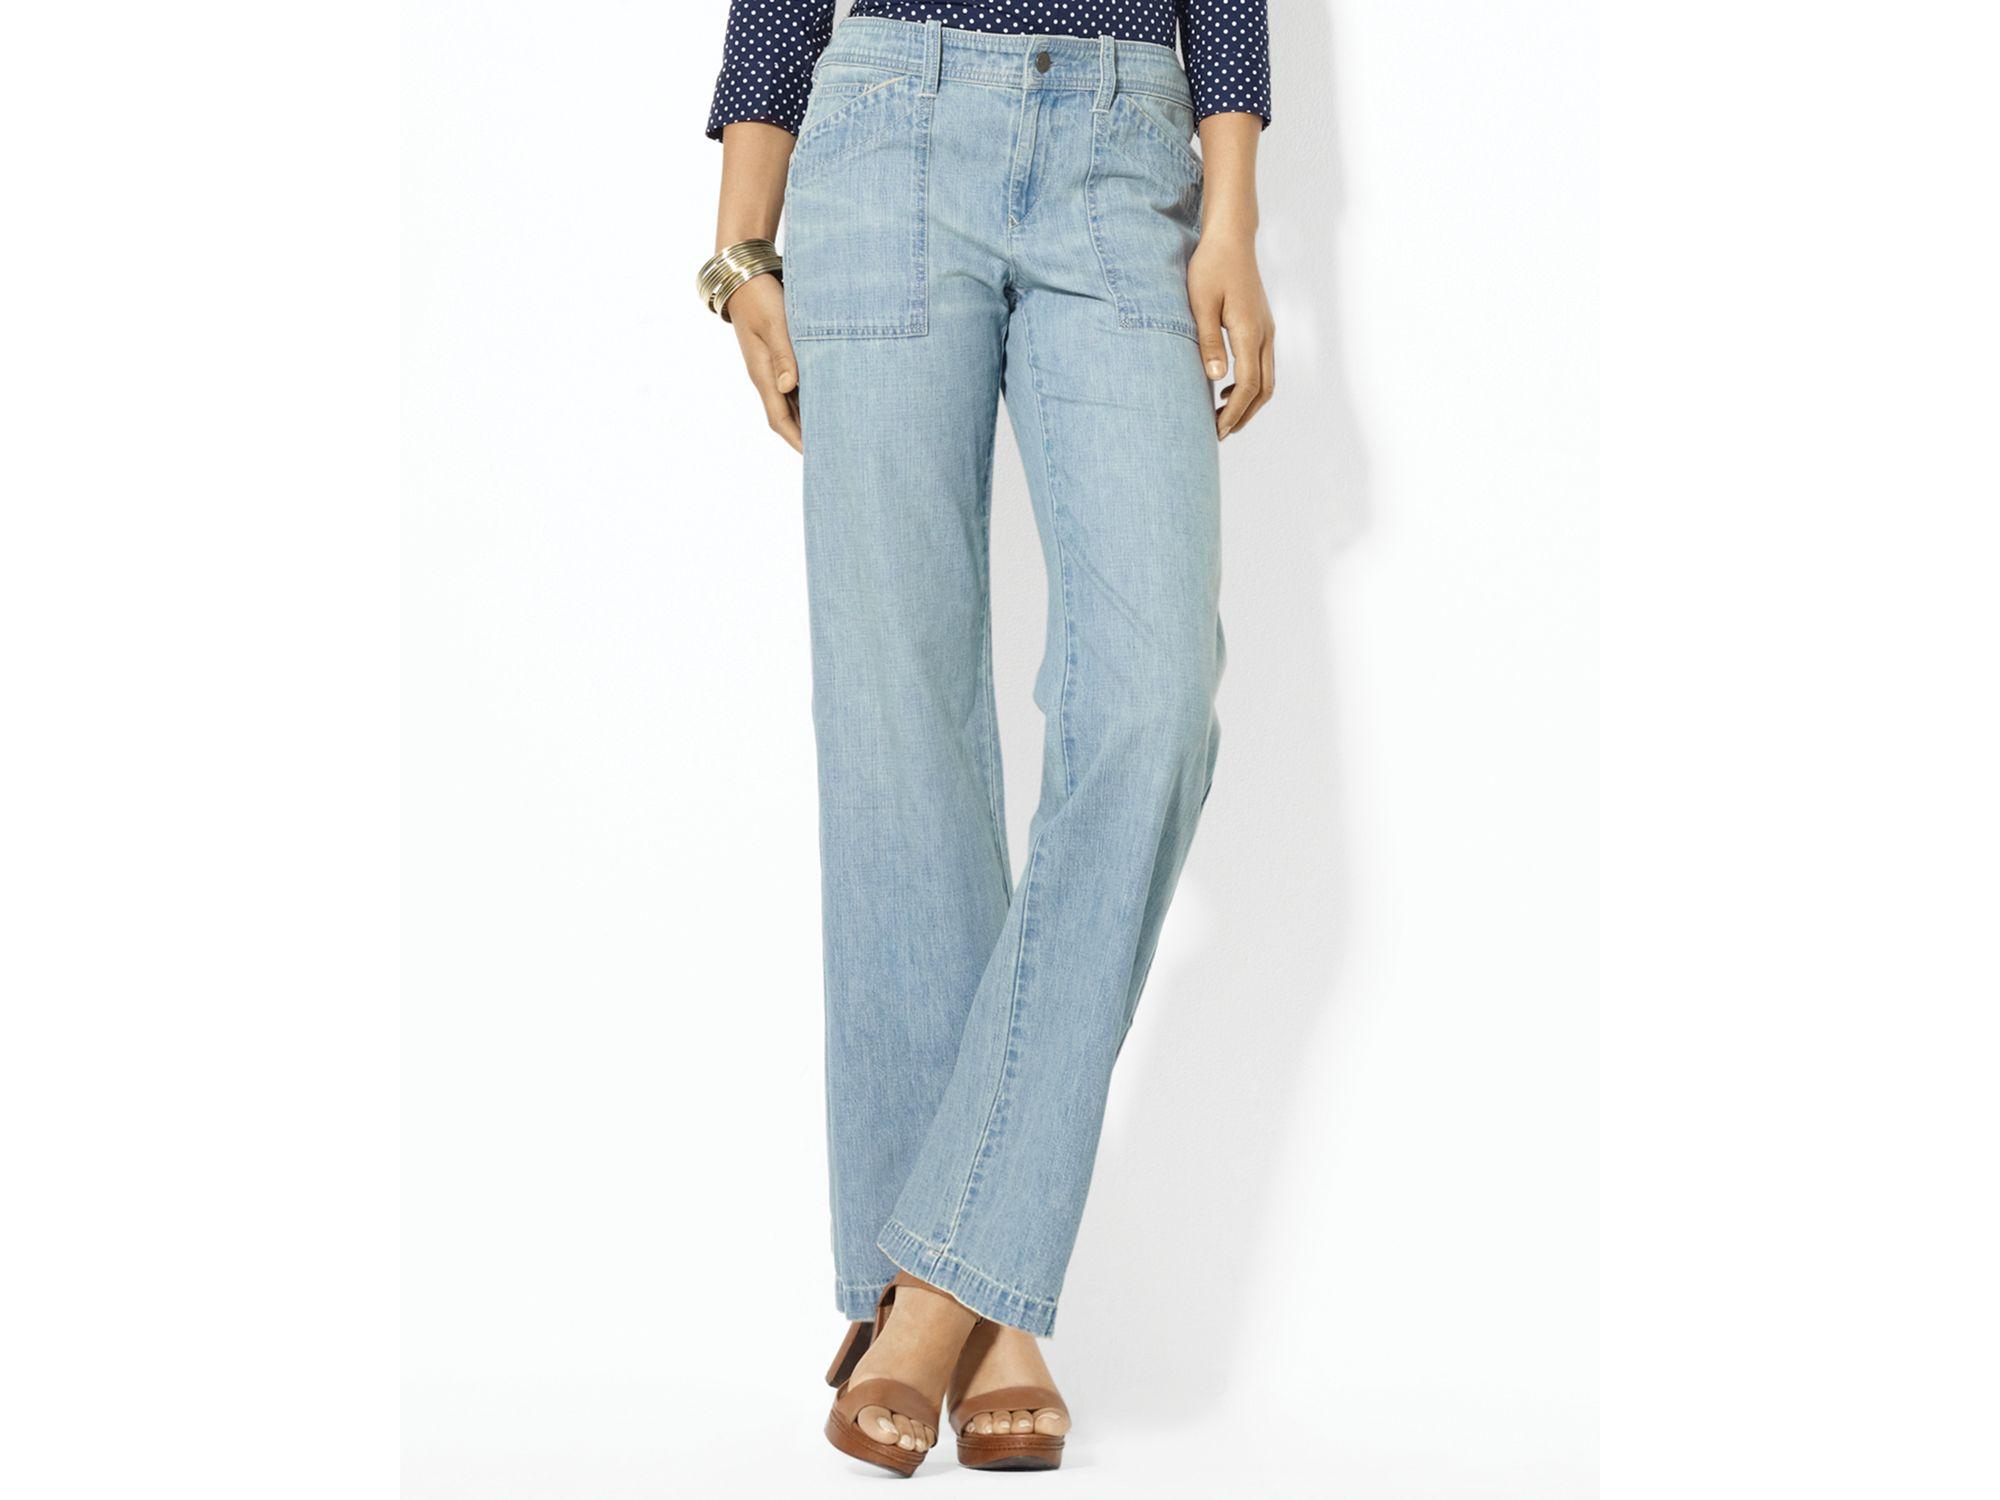 Lauren by ralph lauren Wide Leg Work Wear Jeans in Blue | Lyst